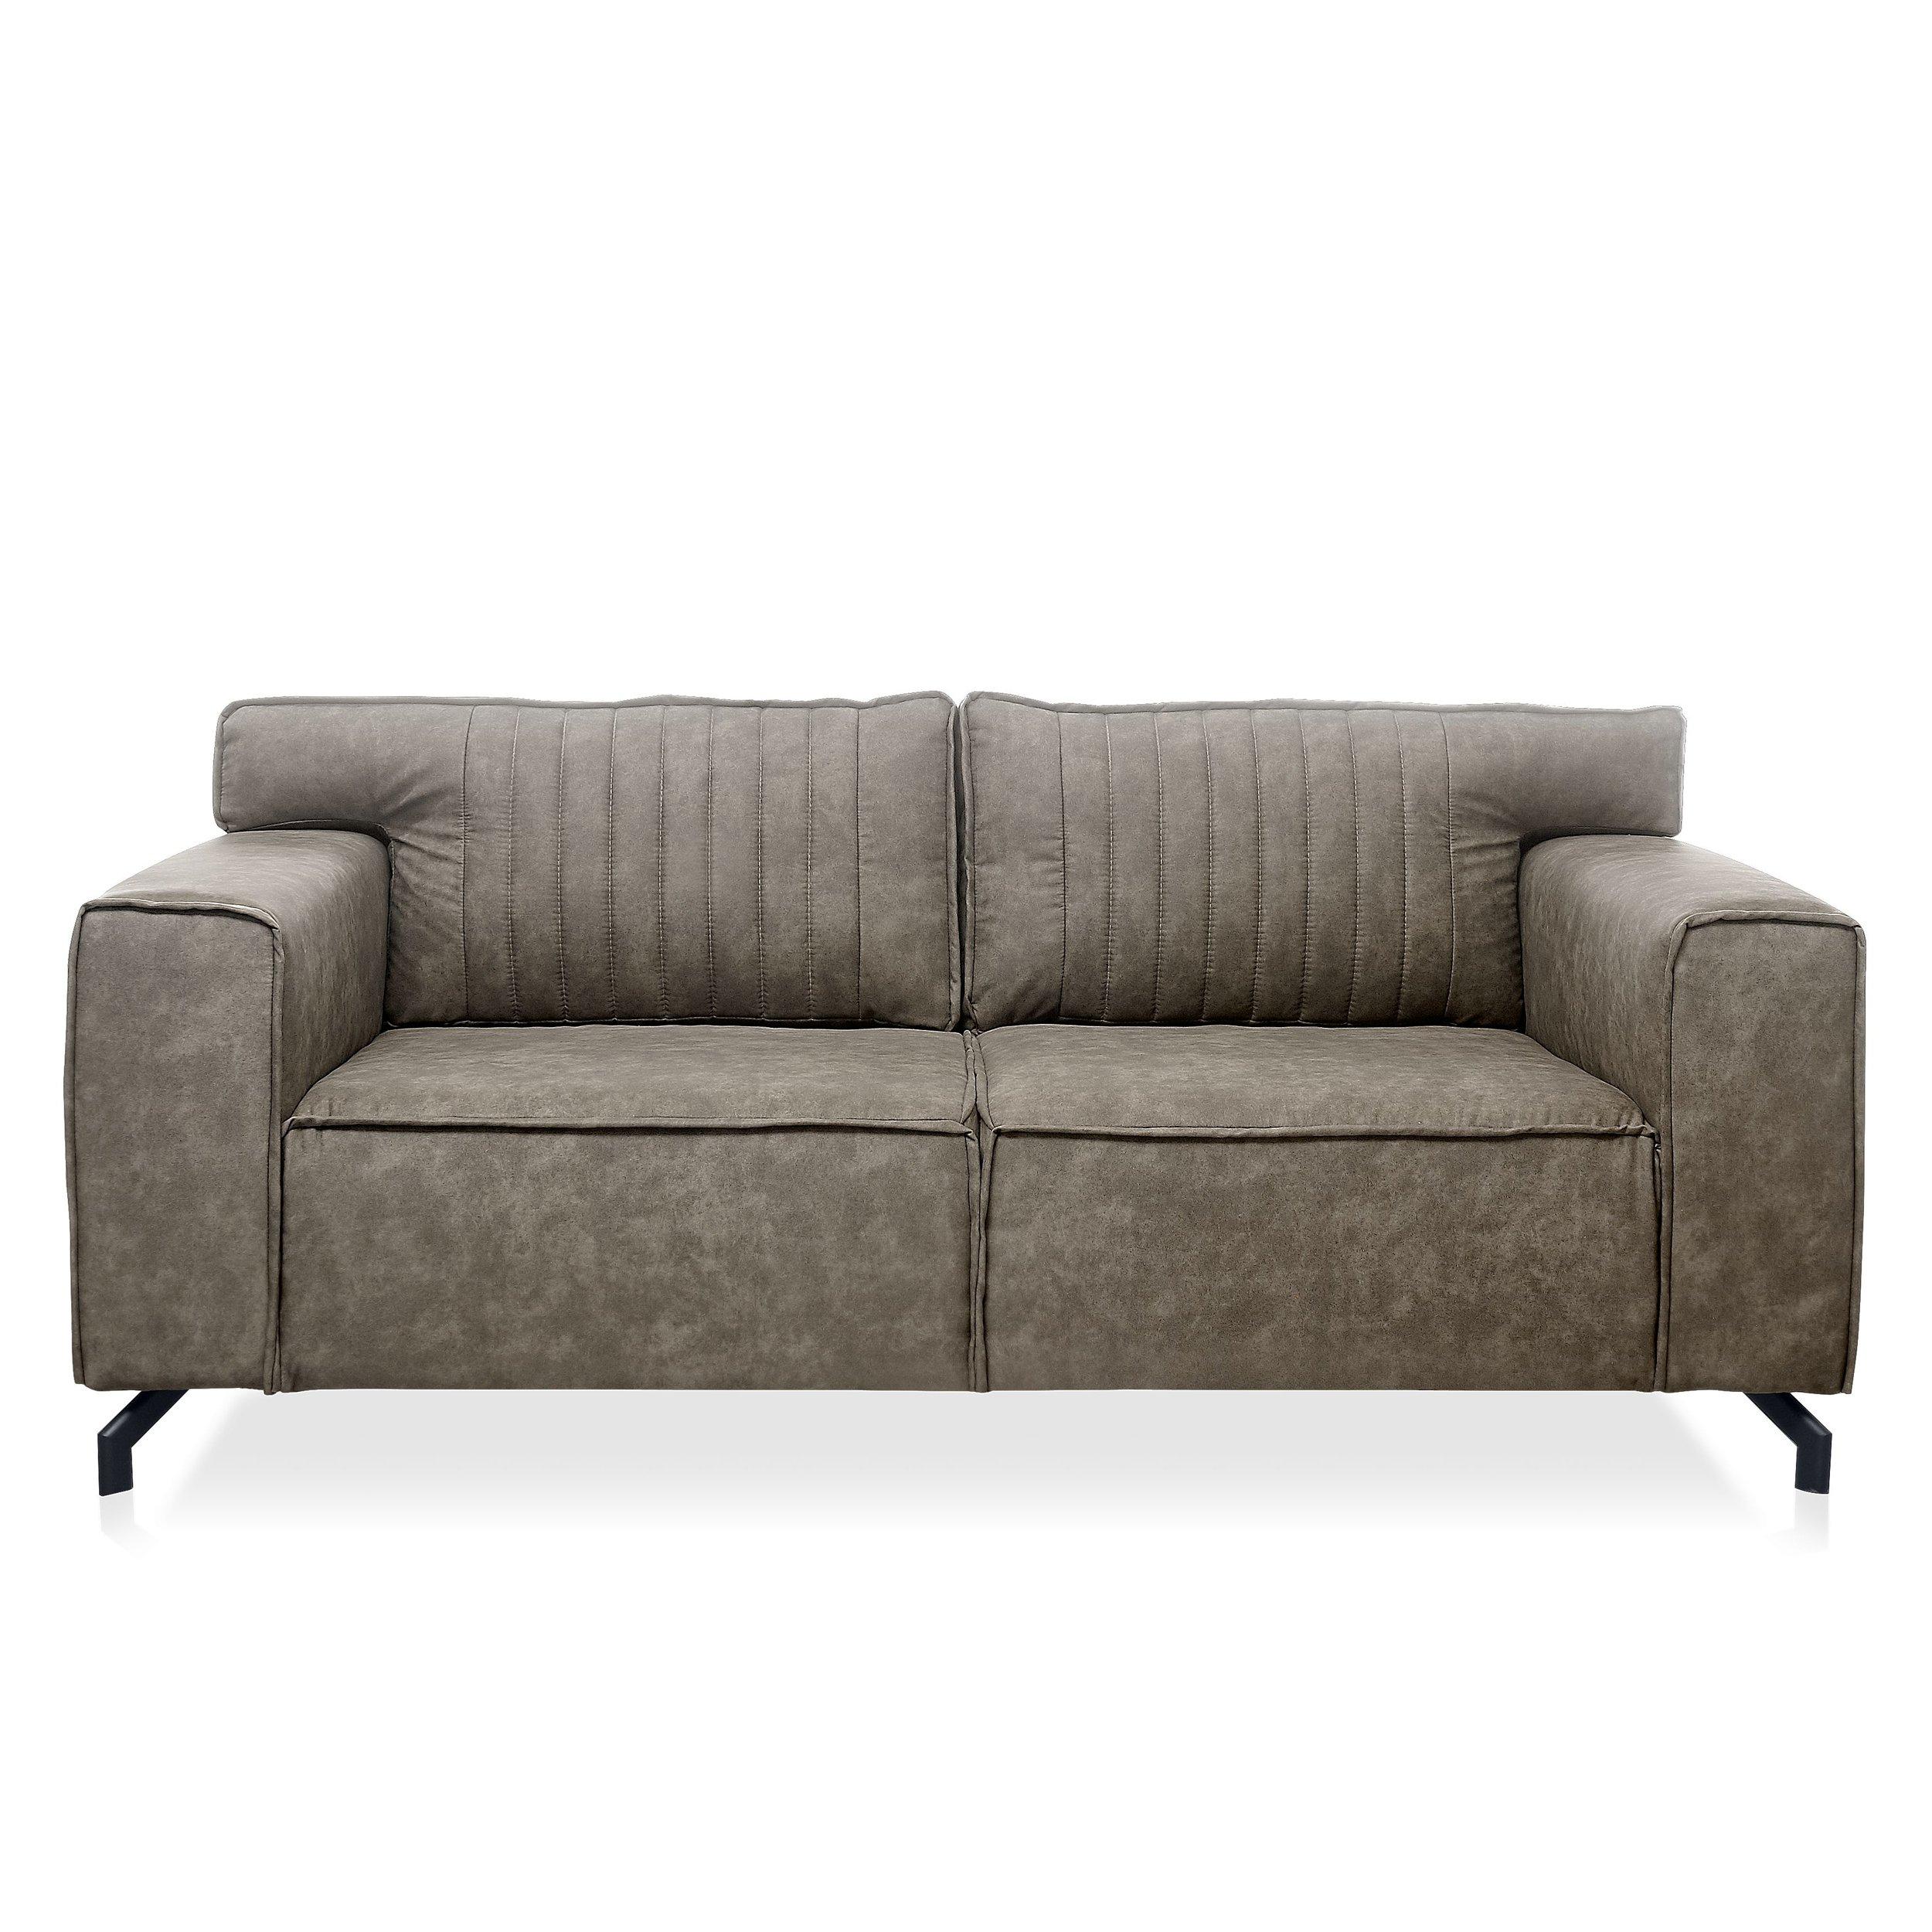 Full Size of Sofa 2 5 Sitzer Trendstore Nashville Ebay Betten 180x200 Mit Relaxfunktion Regal 50 Cm Breit Bett Matratze Und Lattenrost 140x200 Büffelleder Bettkasten Sofa Sofa 2 5 Sitzer